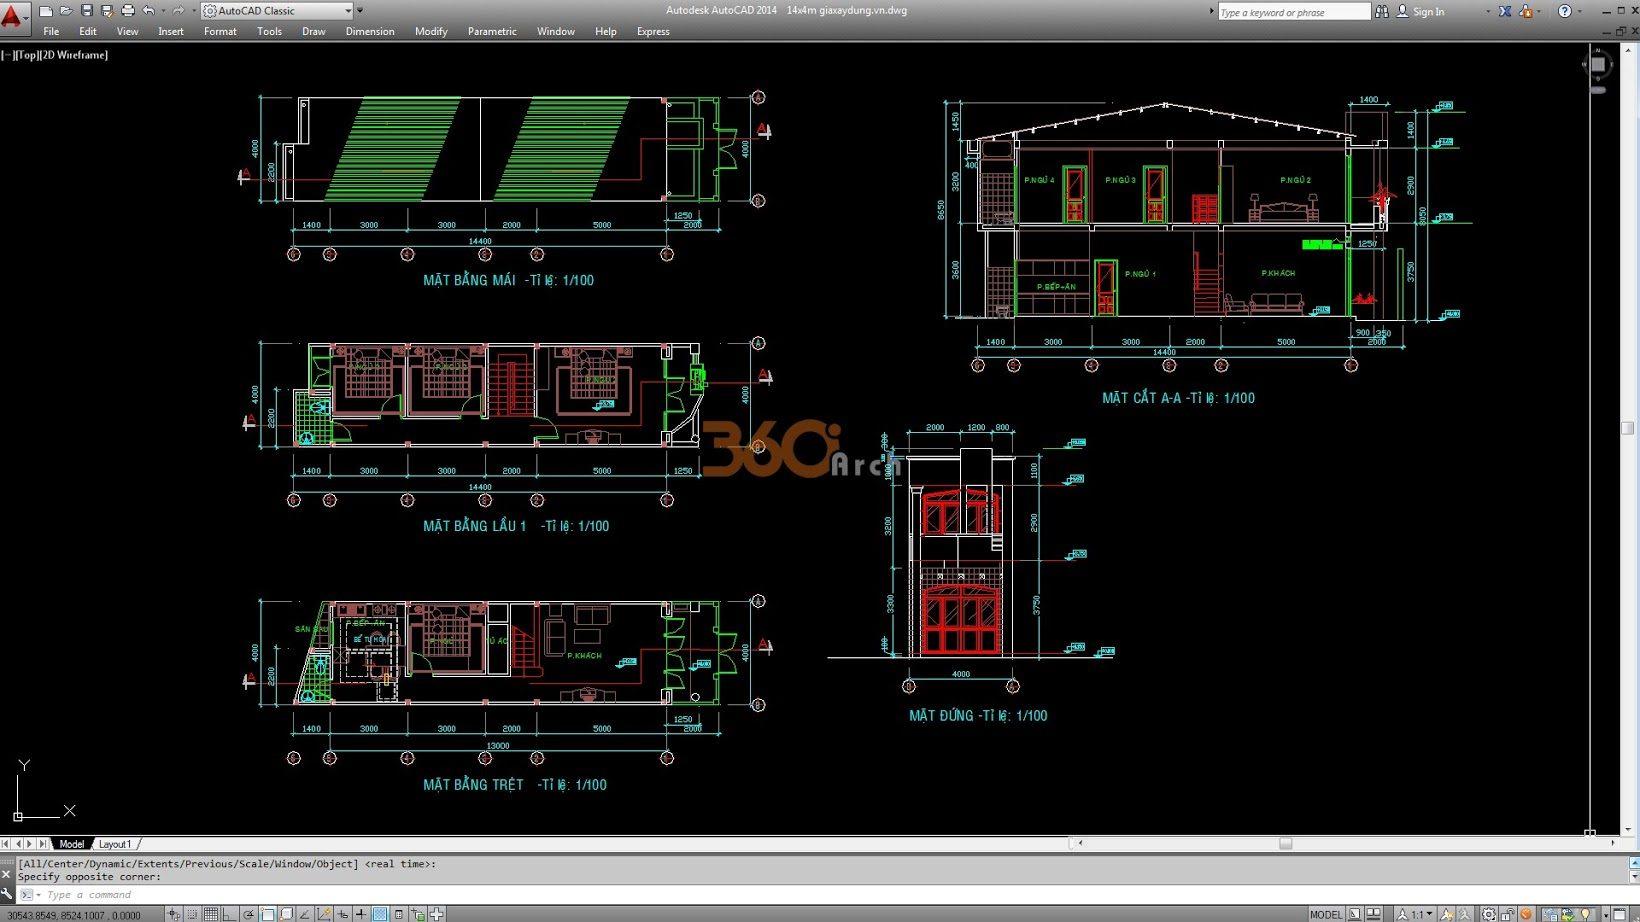 Tổng hợp bản vẽ nhà phố (file cad)